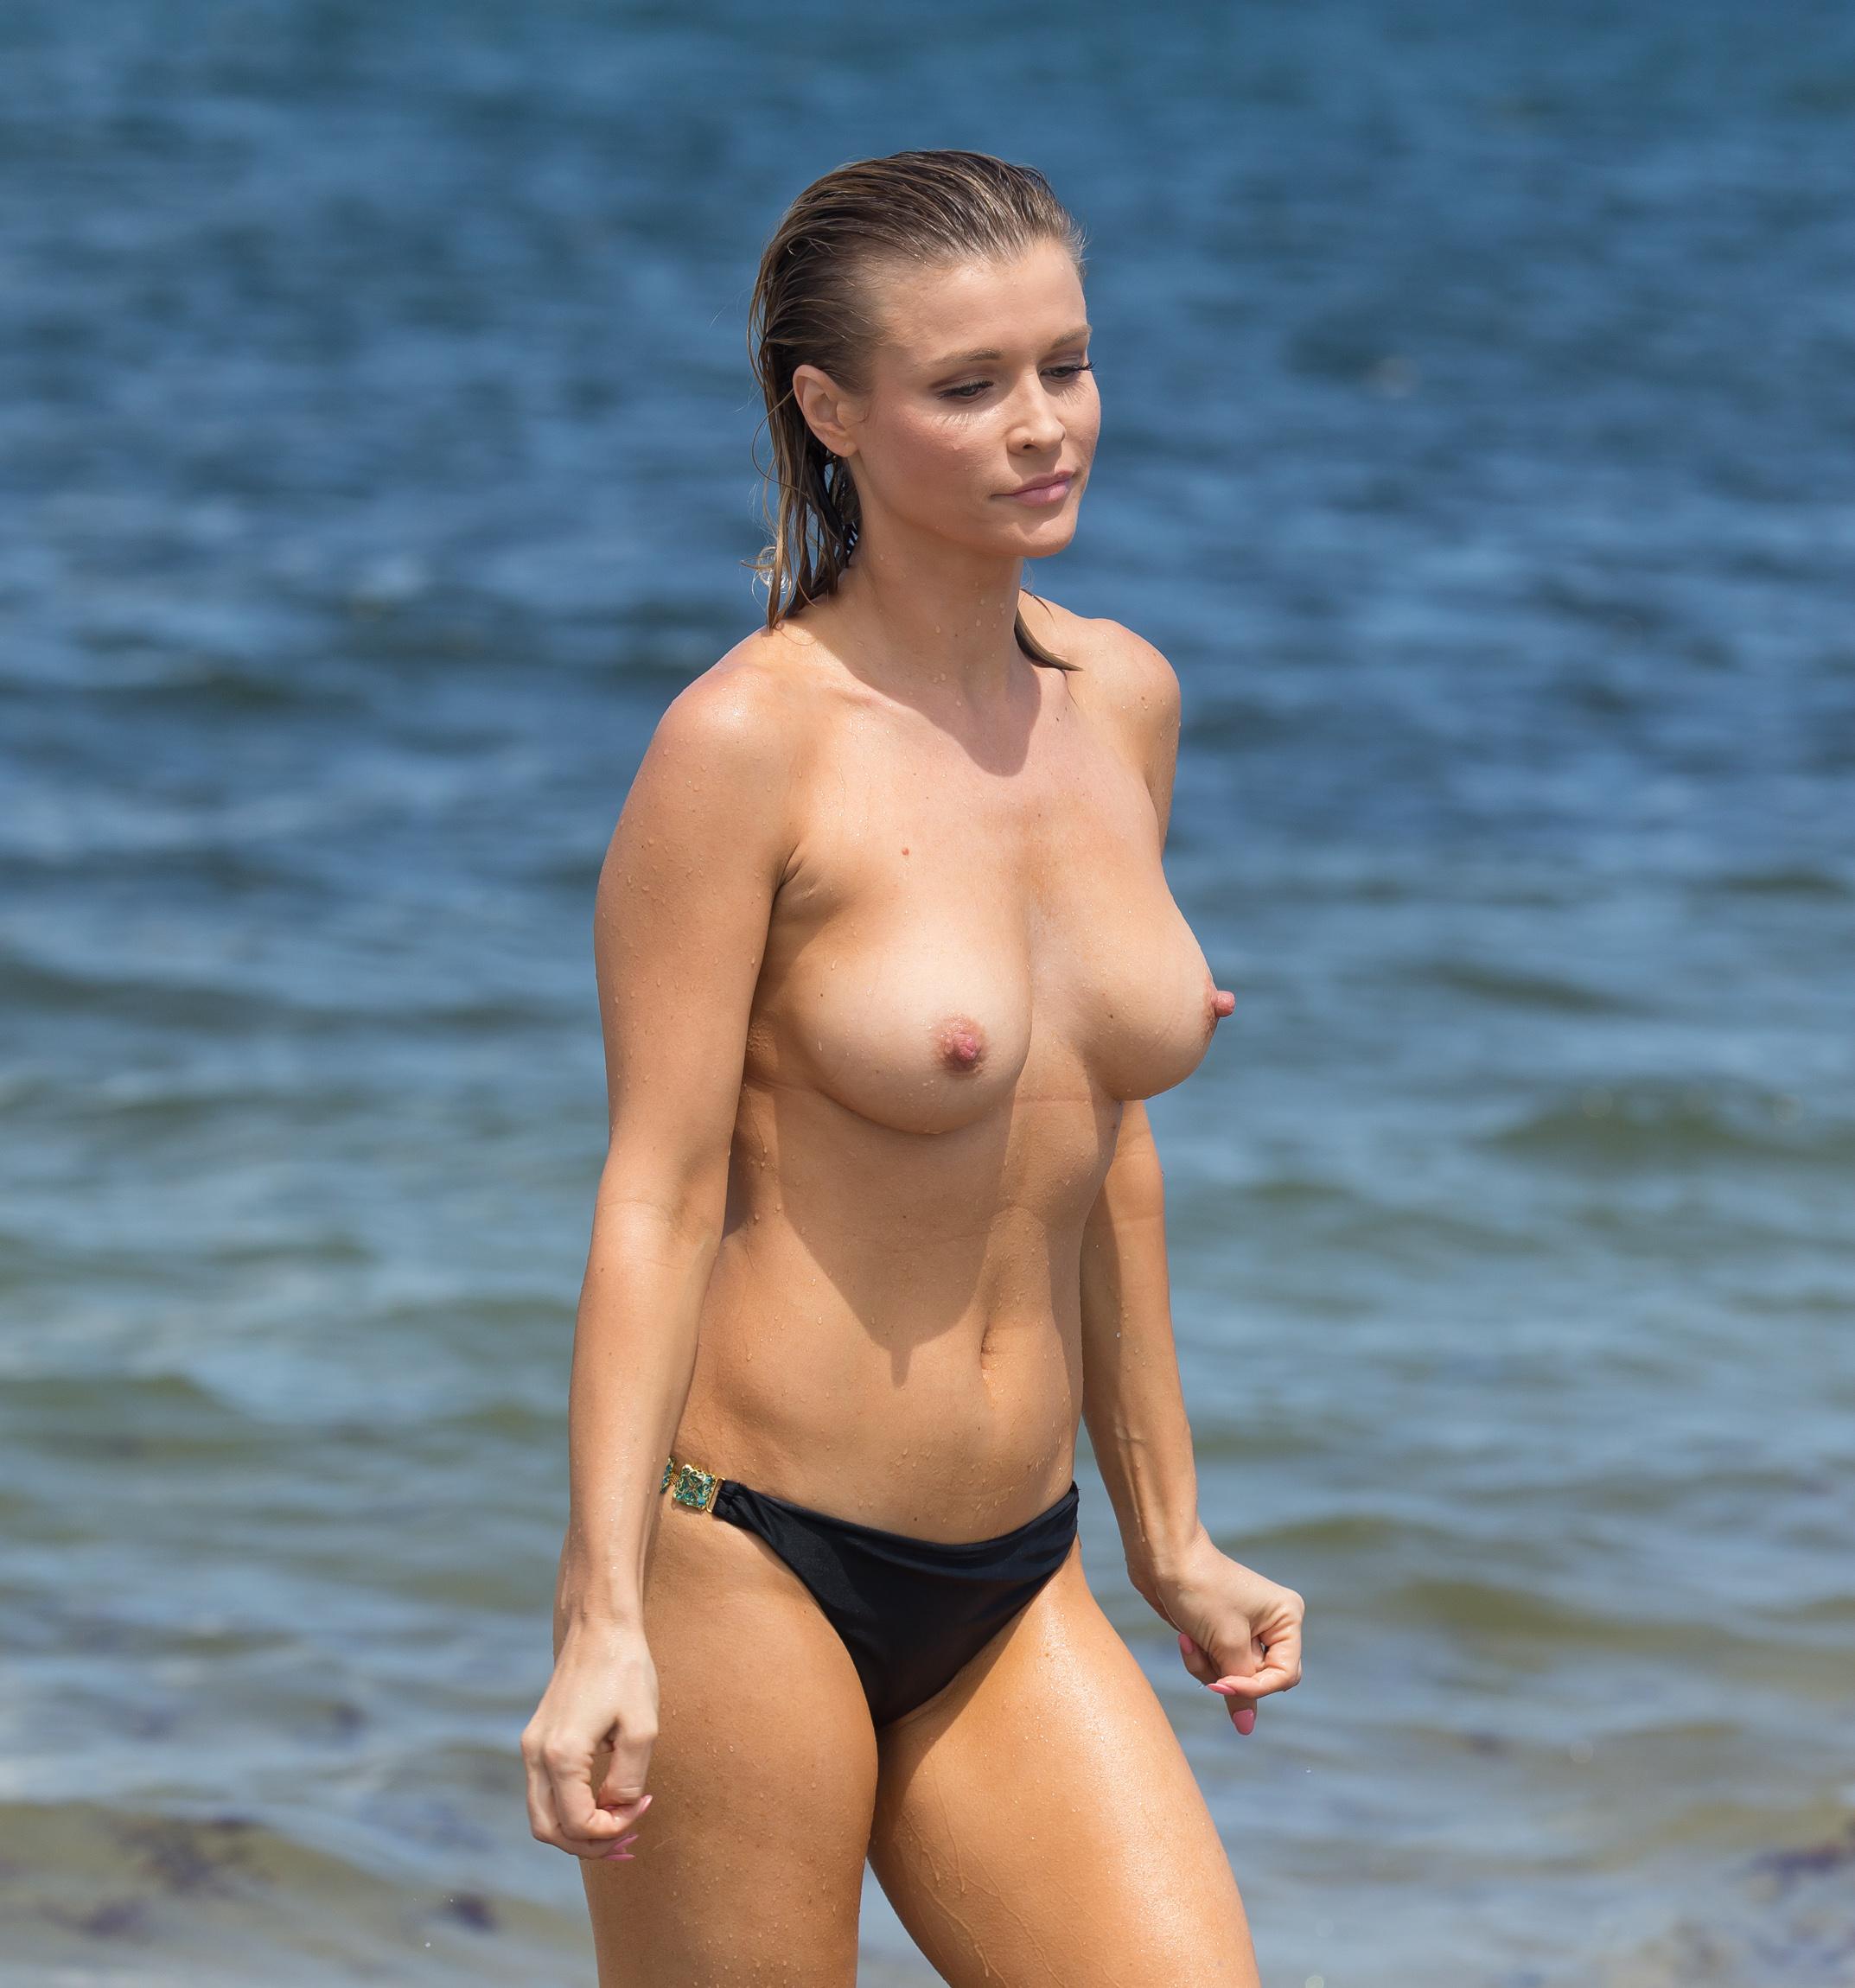 Josie loren leaked nude opinion